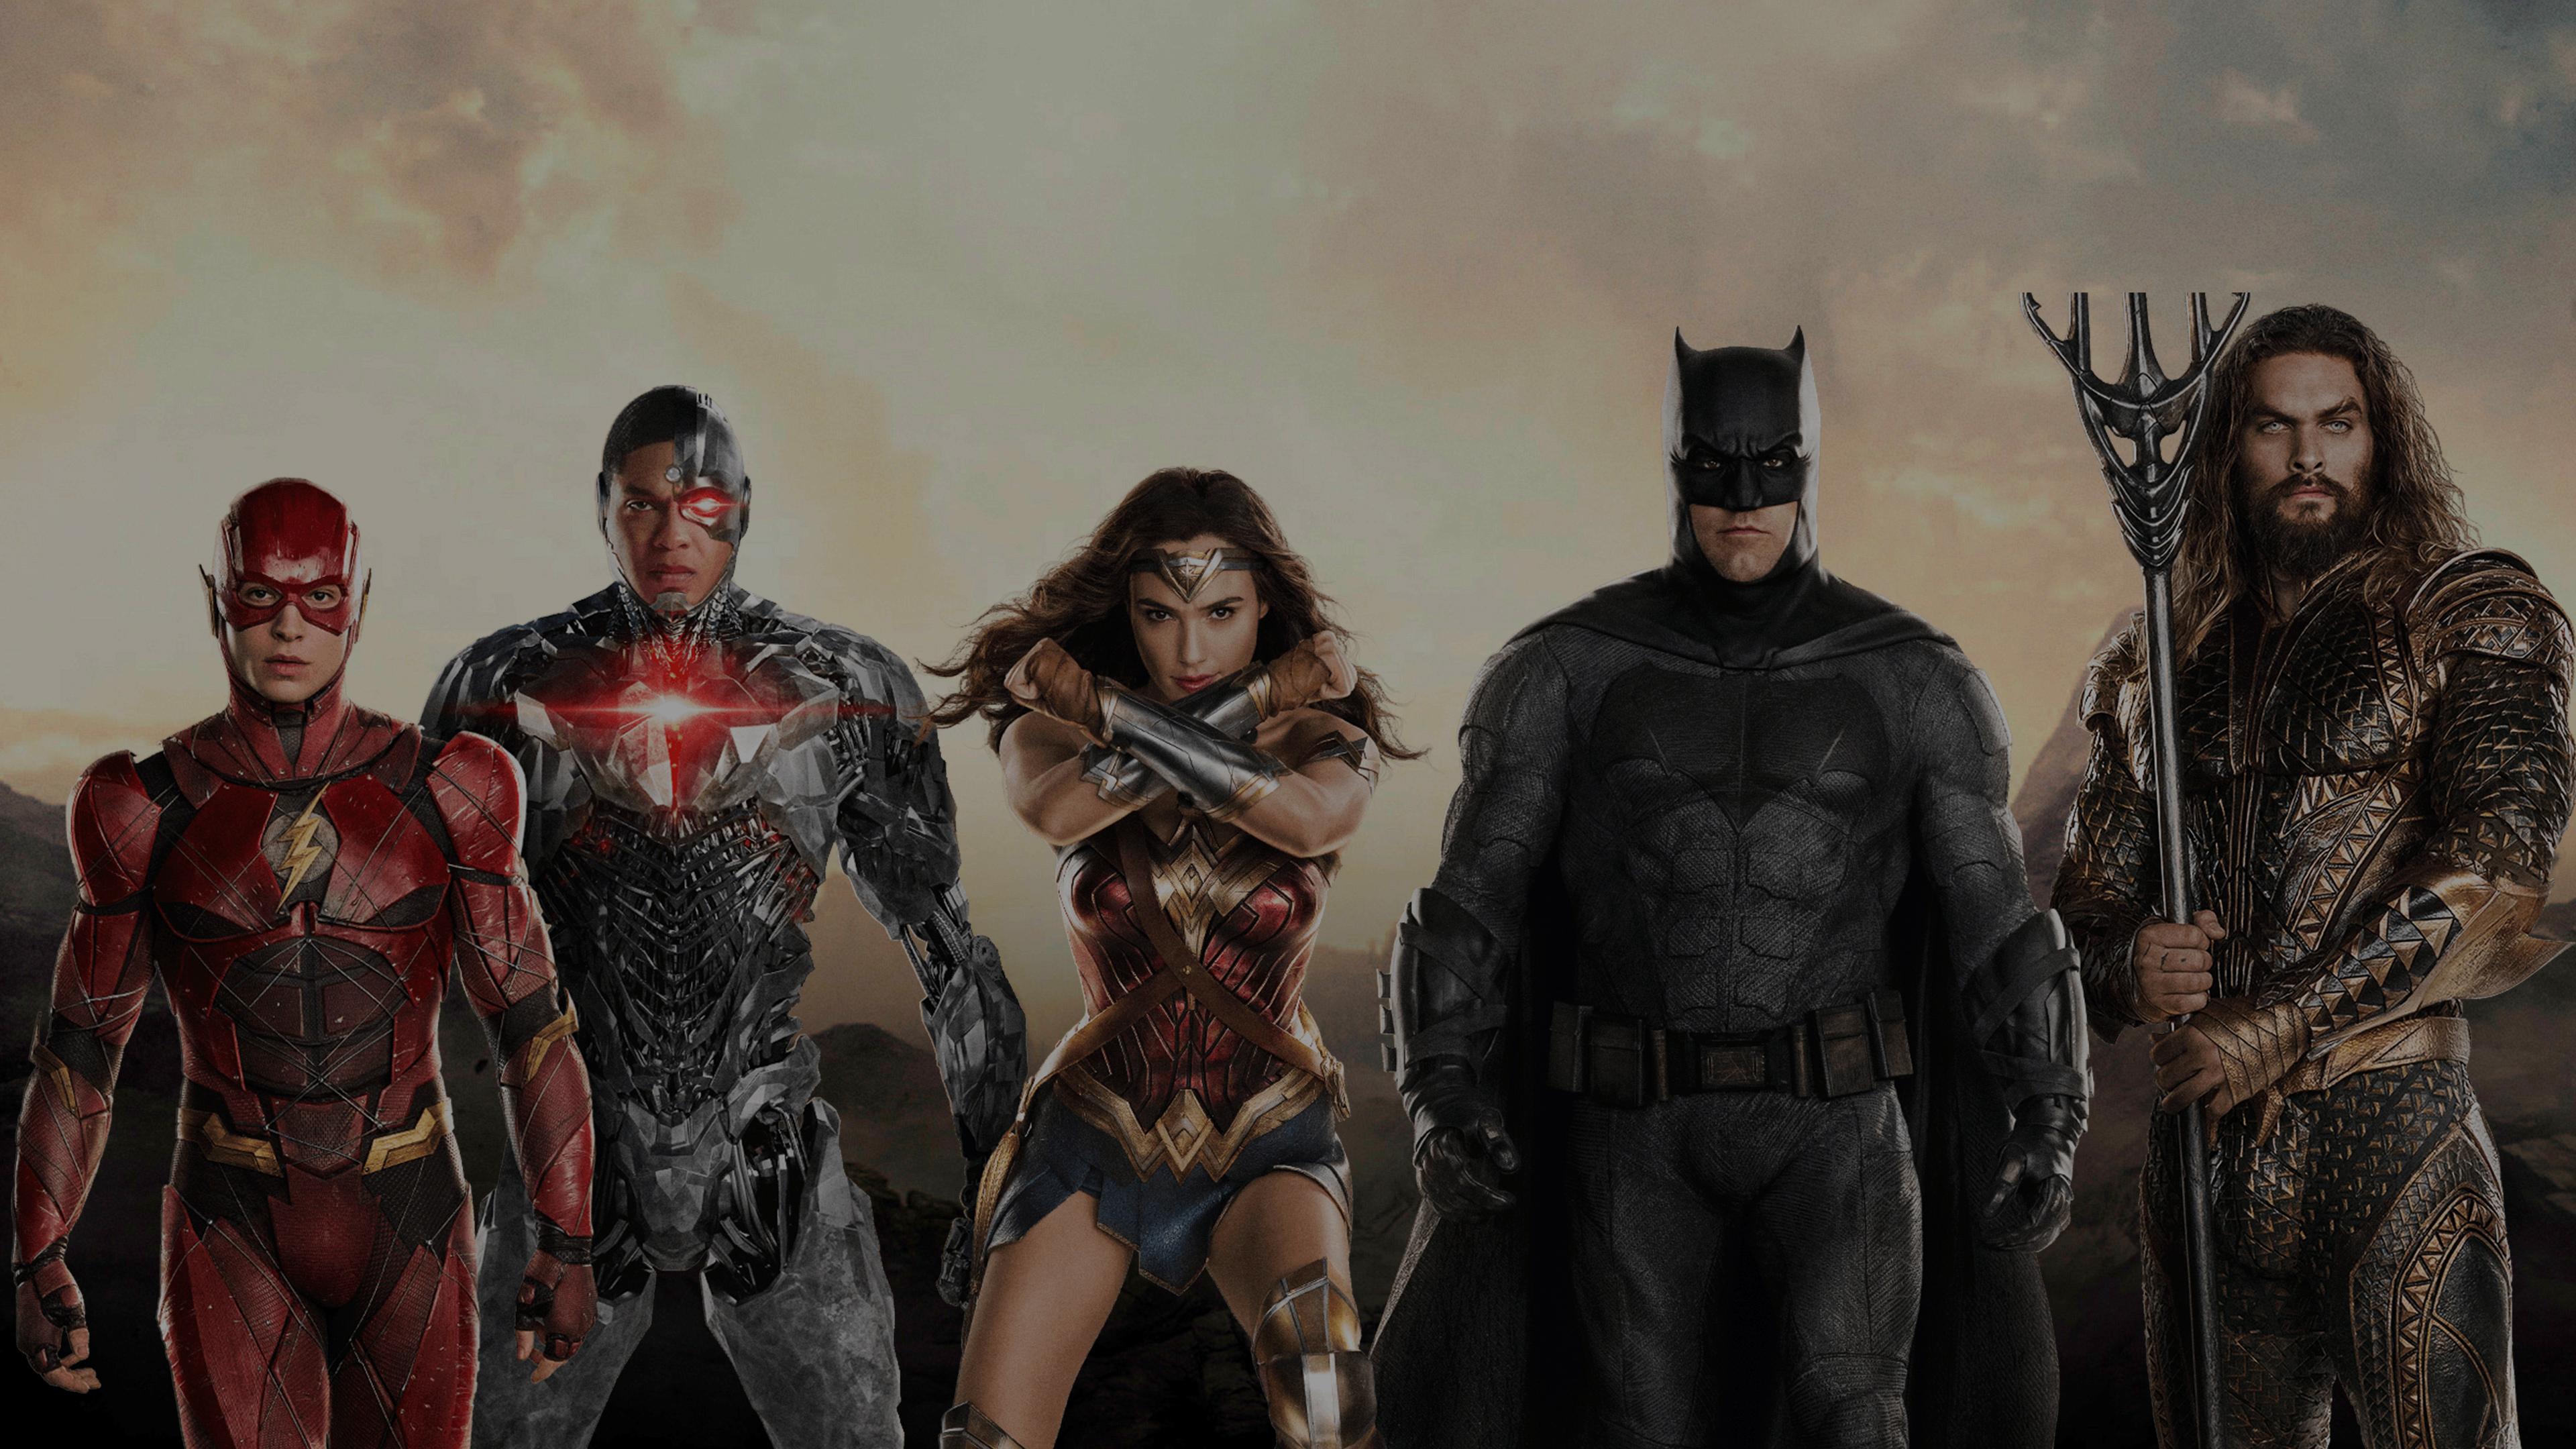 2017 Wonder Woman Movie Fan Art Hd Movies 4k Wallpapers: 1920x1200 Justice League 4k 1080P Resolution HD 4k